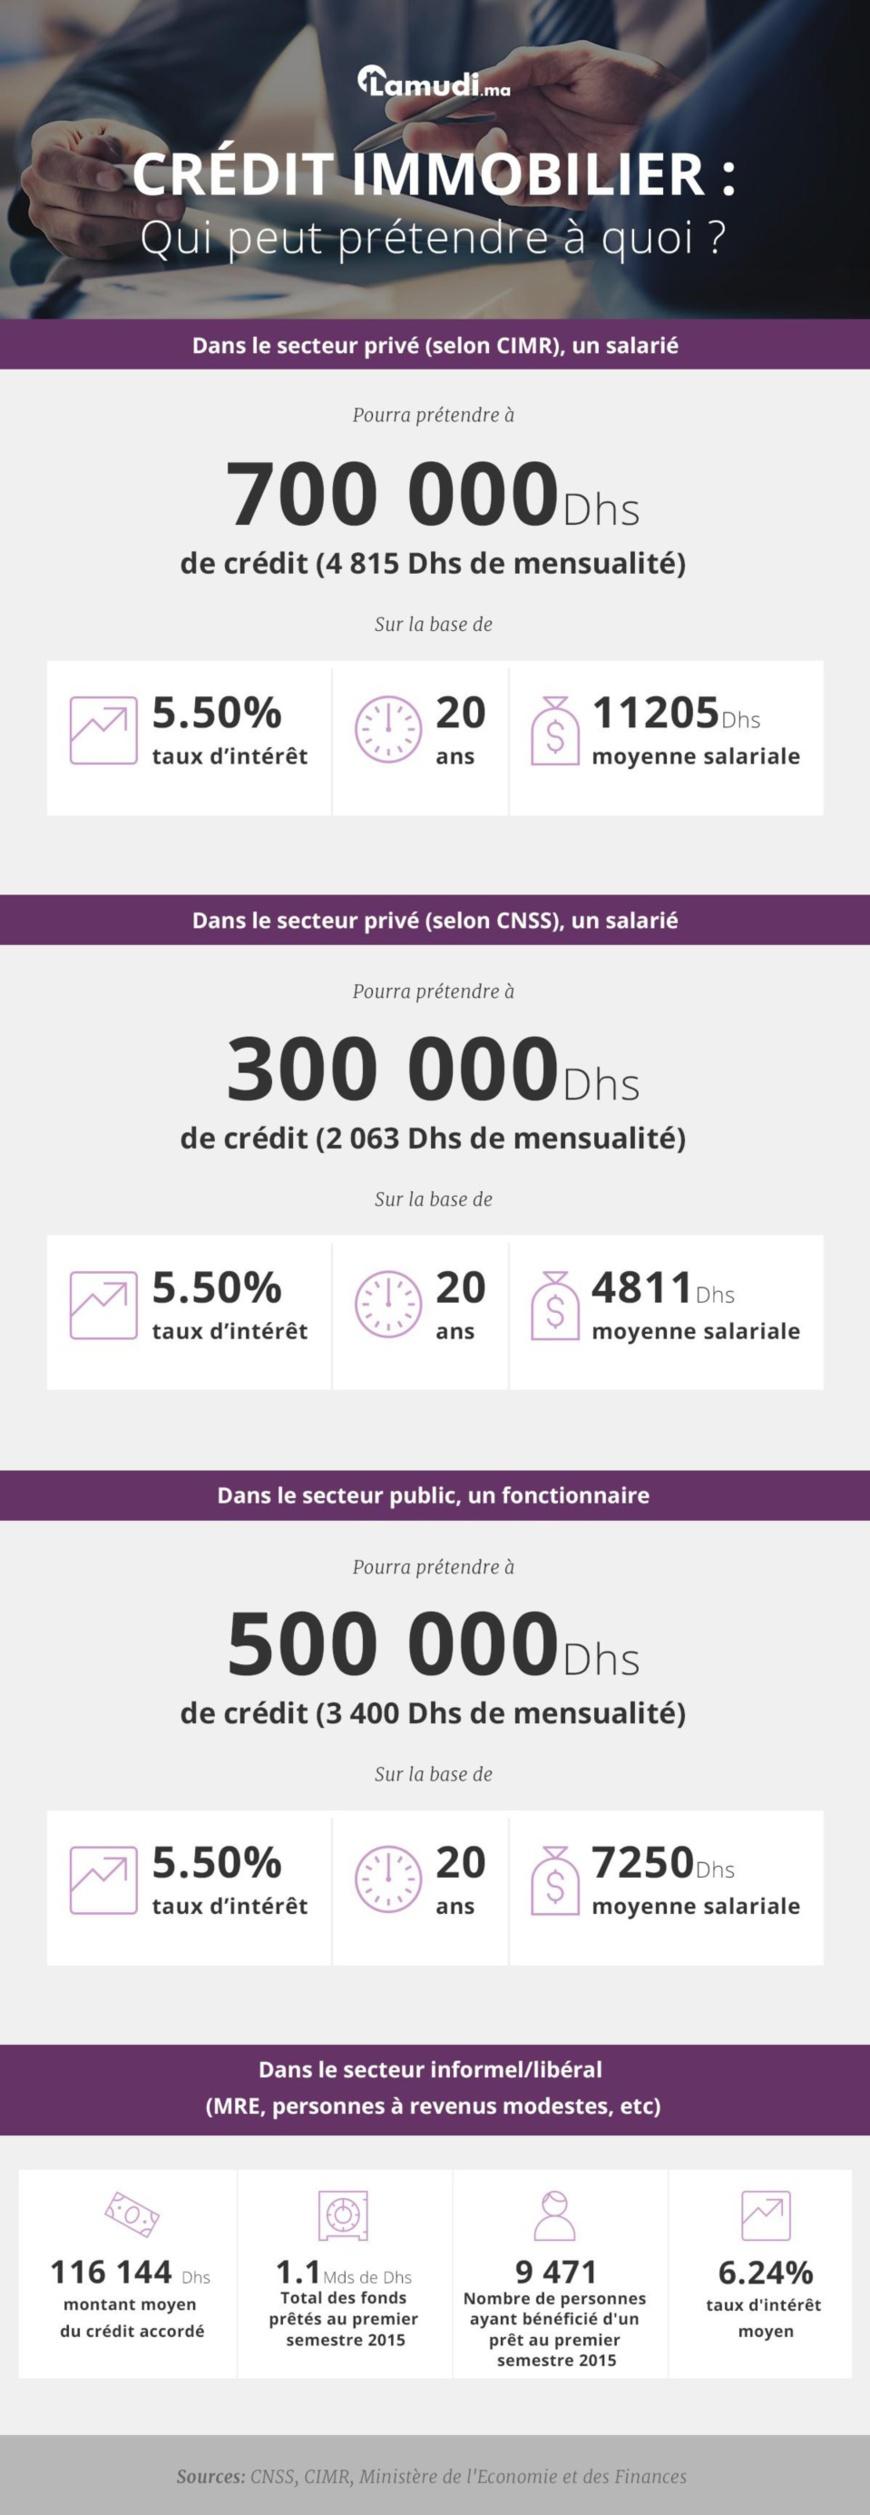 Credit immobilier au Maroc Qui peut pretendre a quoi